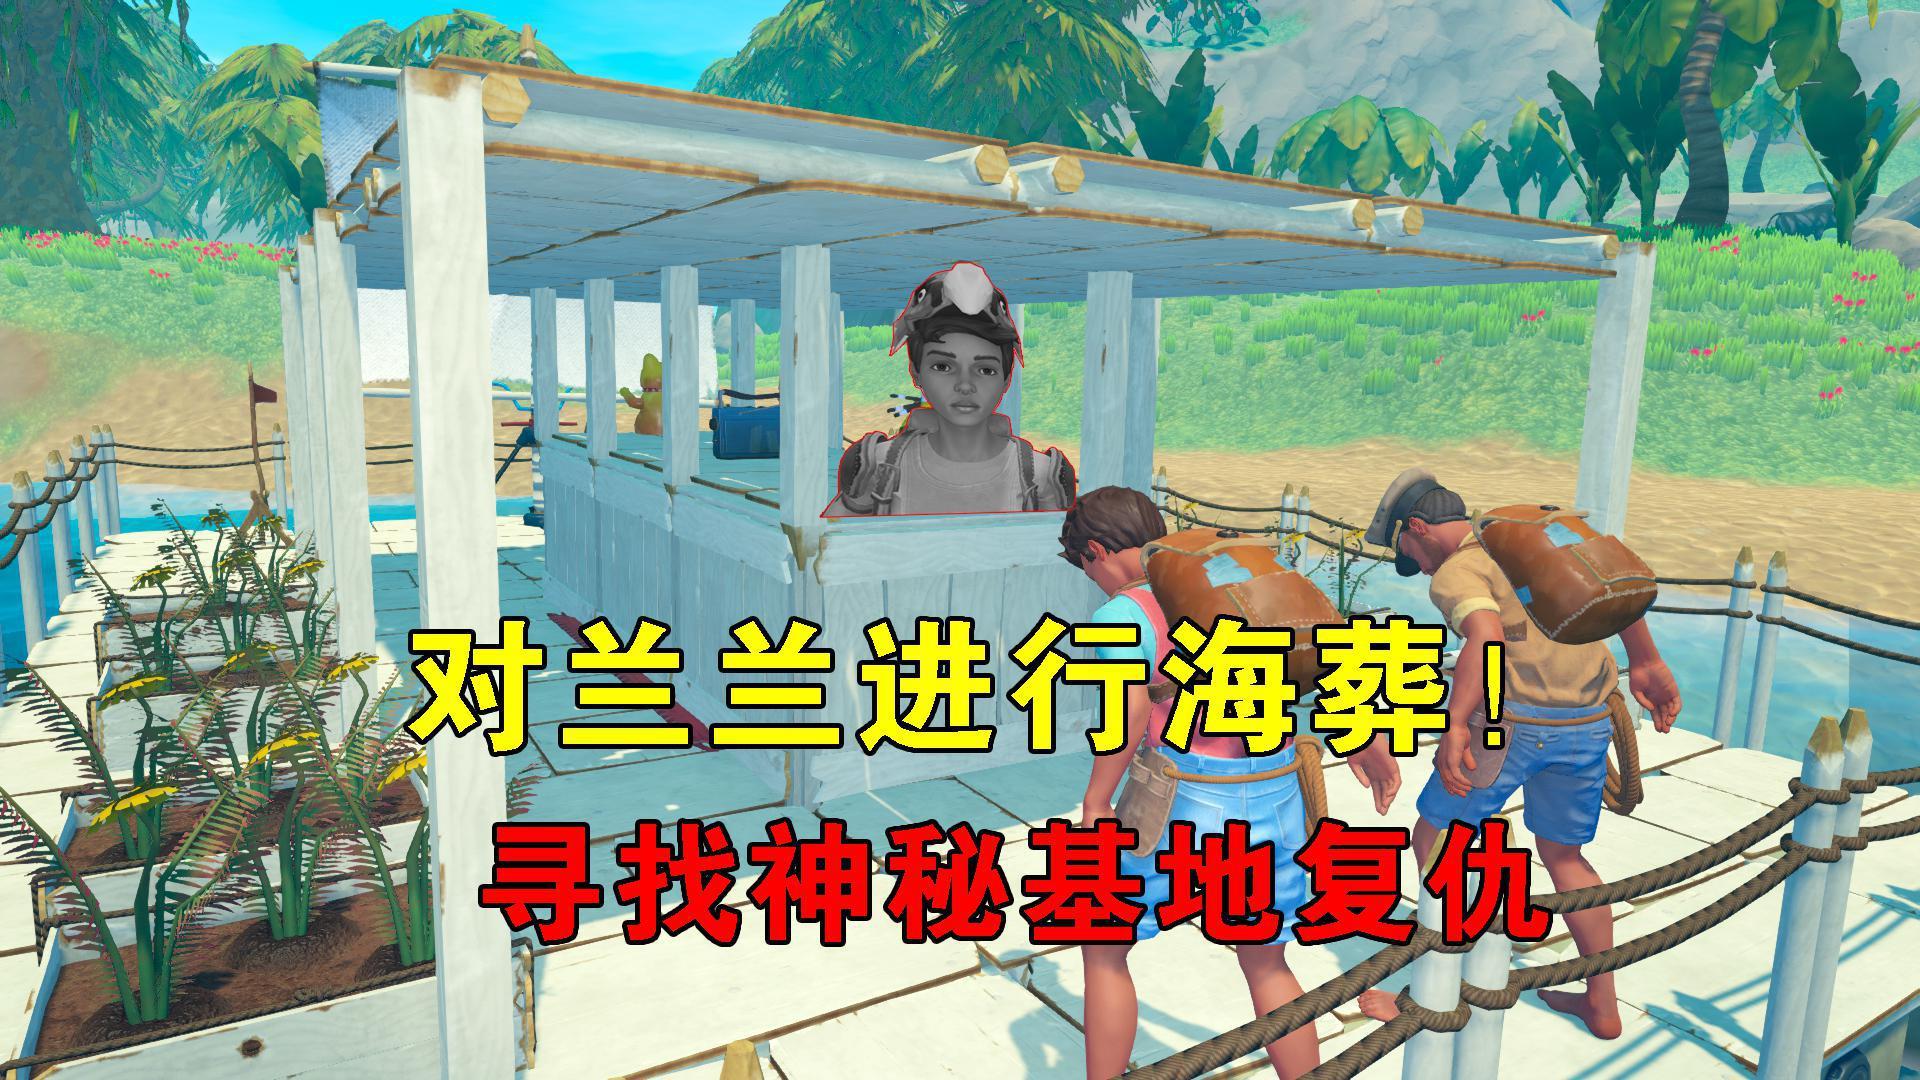 木筏求生联机121:兰兰被海葬!辉哥复仇之路开启,寻找神秘基地